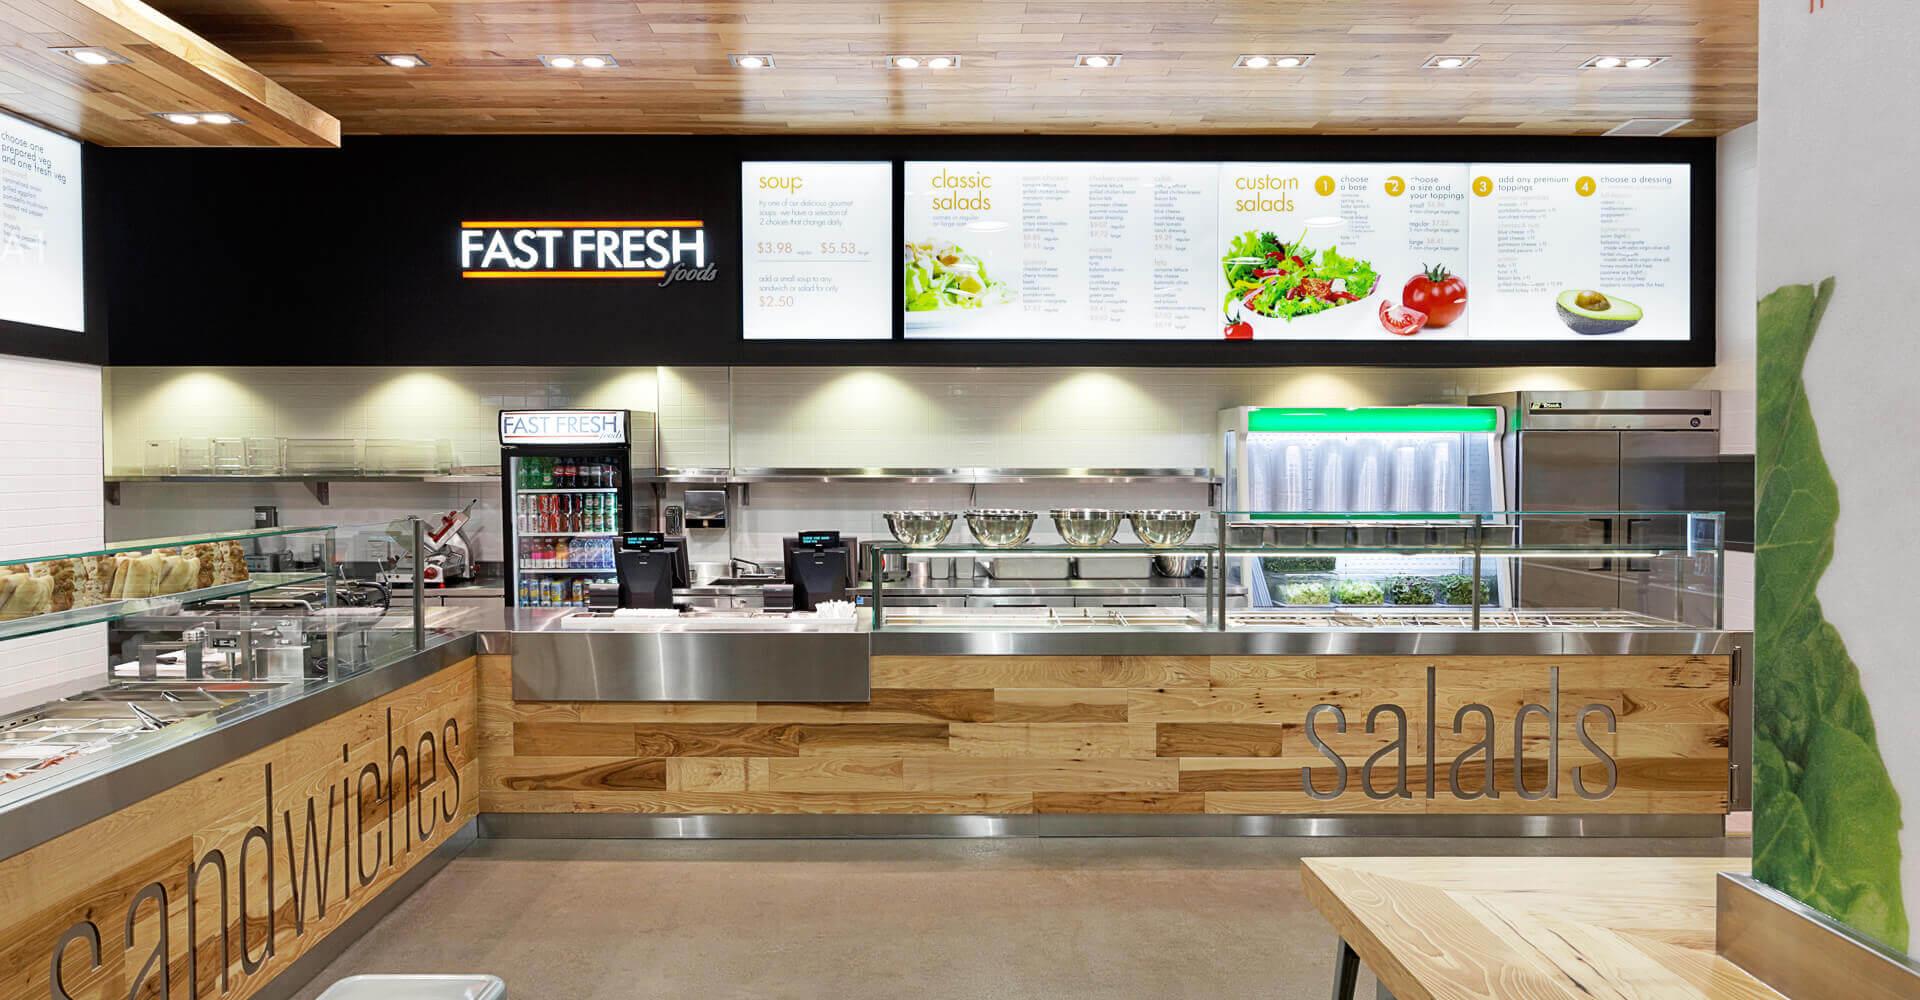 Freshwest Grill